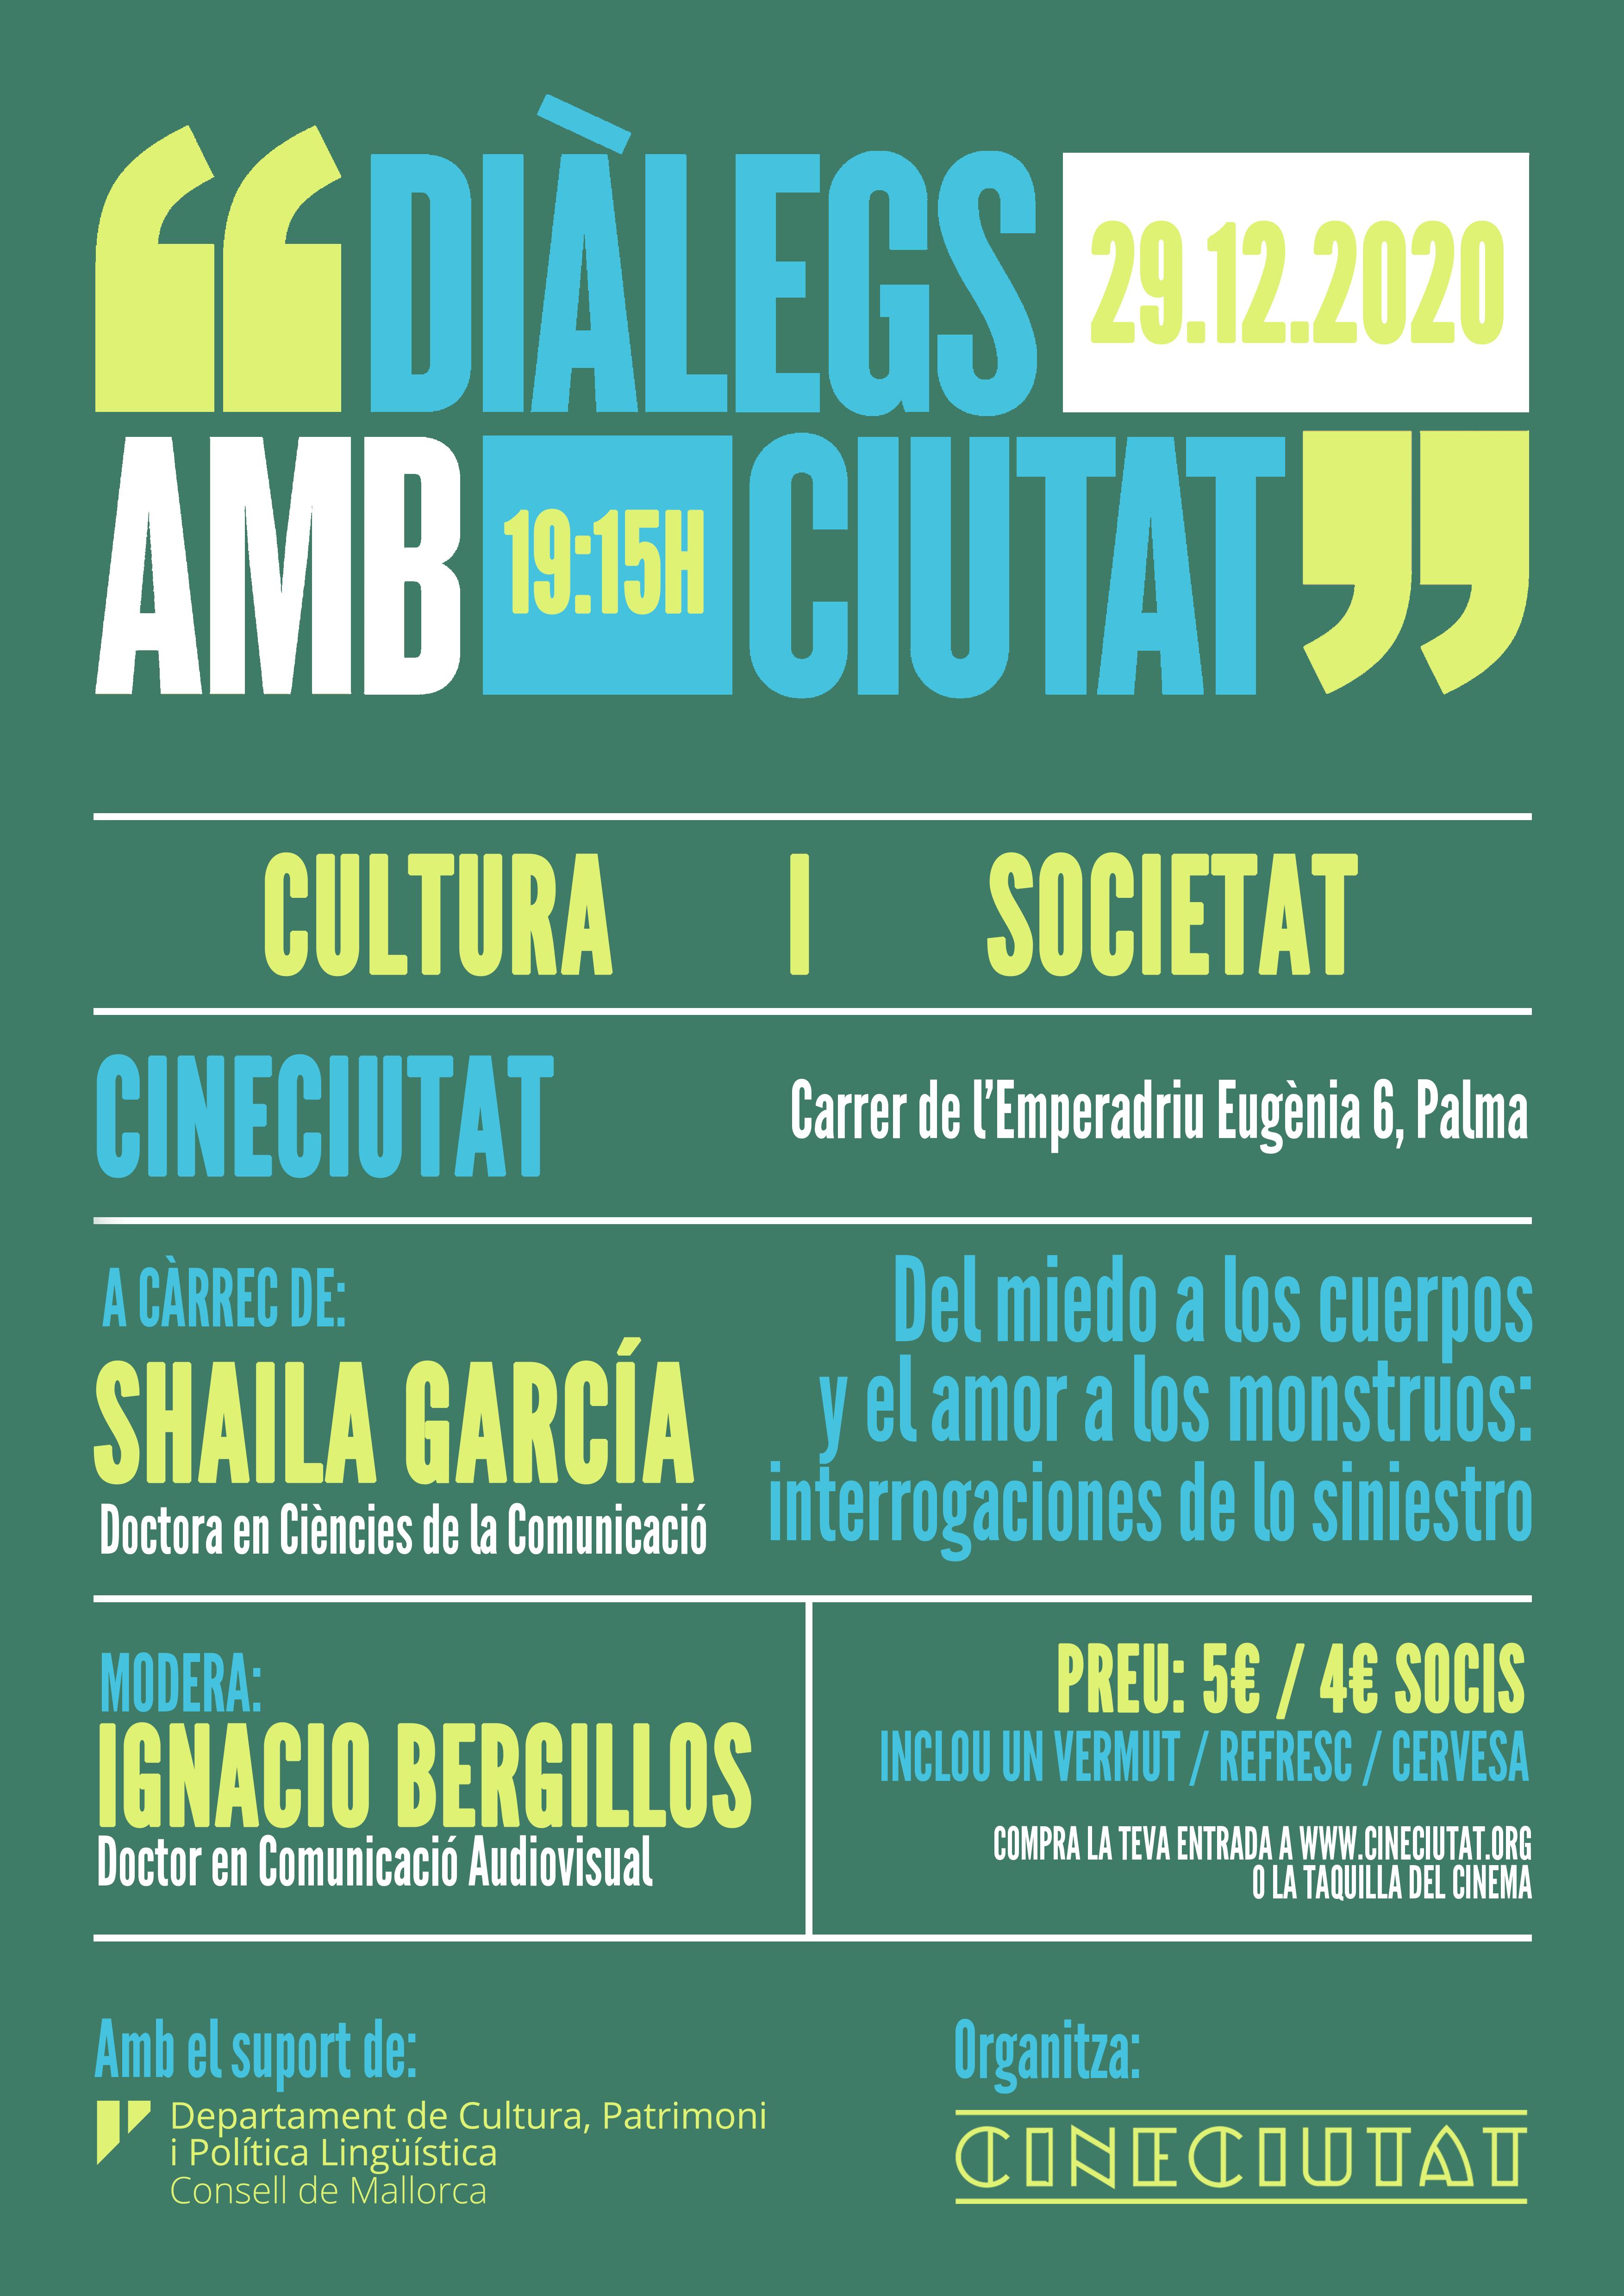 DialegsAmbCiutat1_29-12_Poster_v1_CAT.png